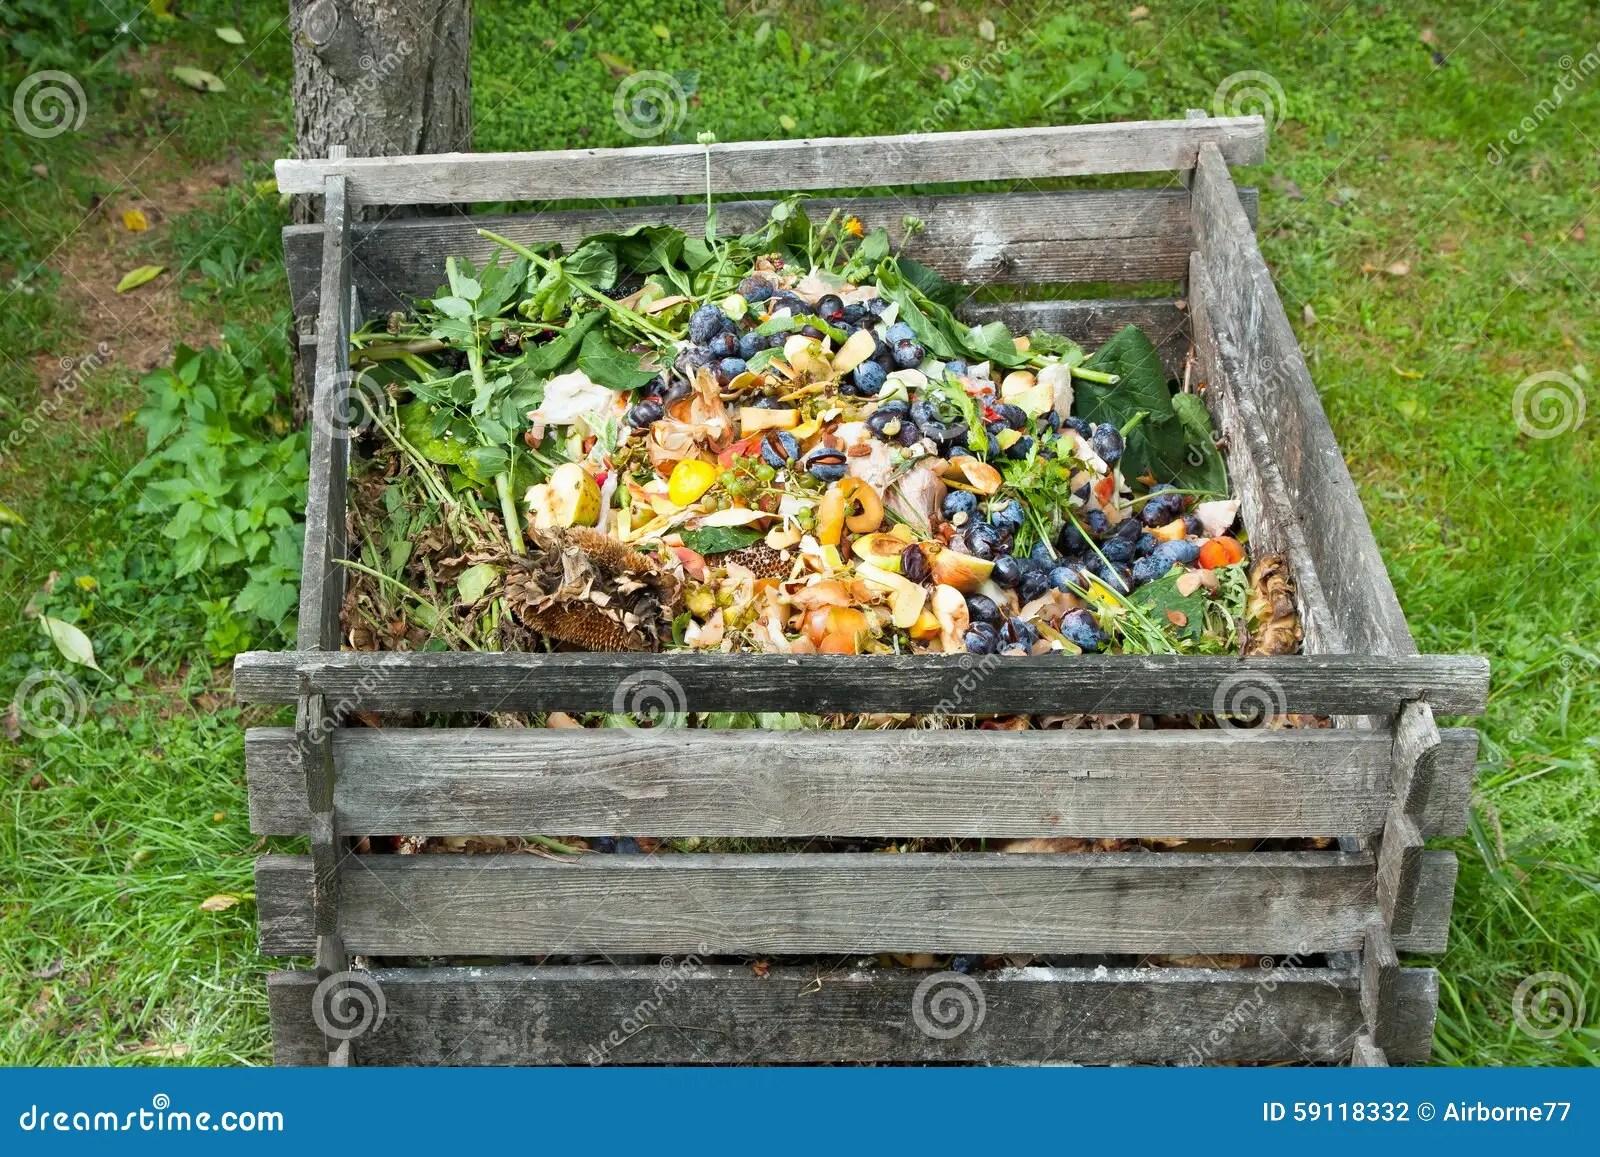 compost bin for kitchen ipad stands 混合肥料箱库存照片 图片包括有天然肥料 堆肥 工厂 社区 系列 分解 混合肥料箱在庭院里堆肥堆烂掉厨房水果和蔬菜小块